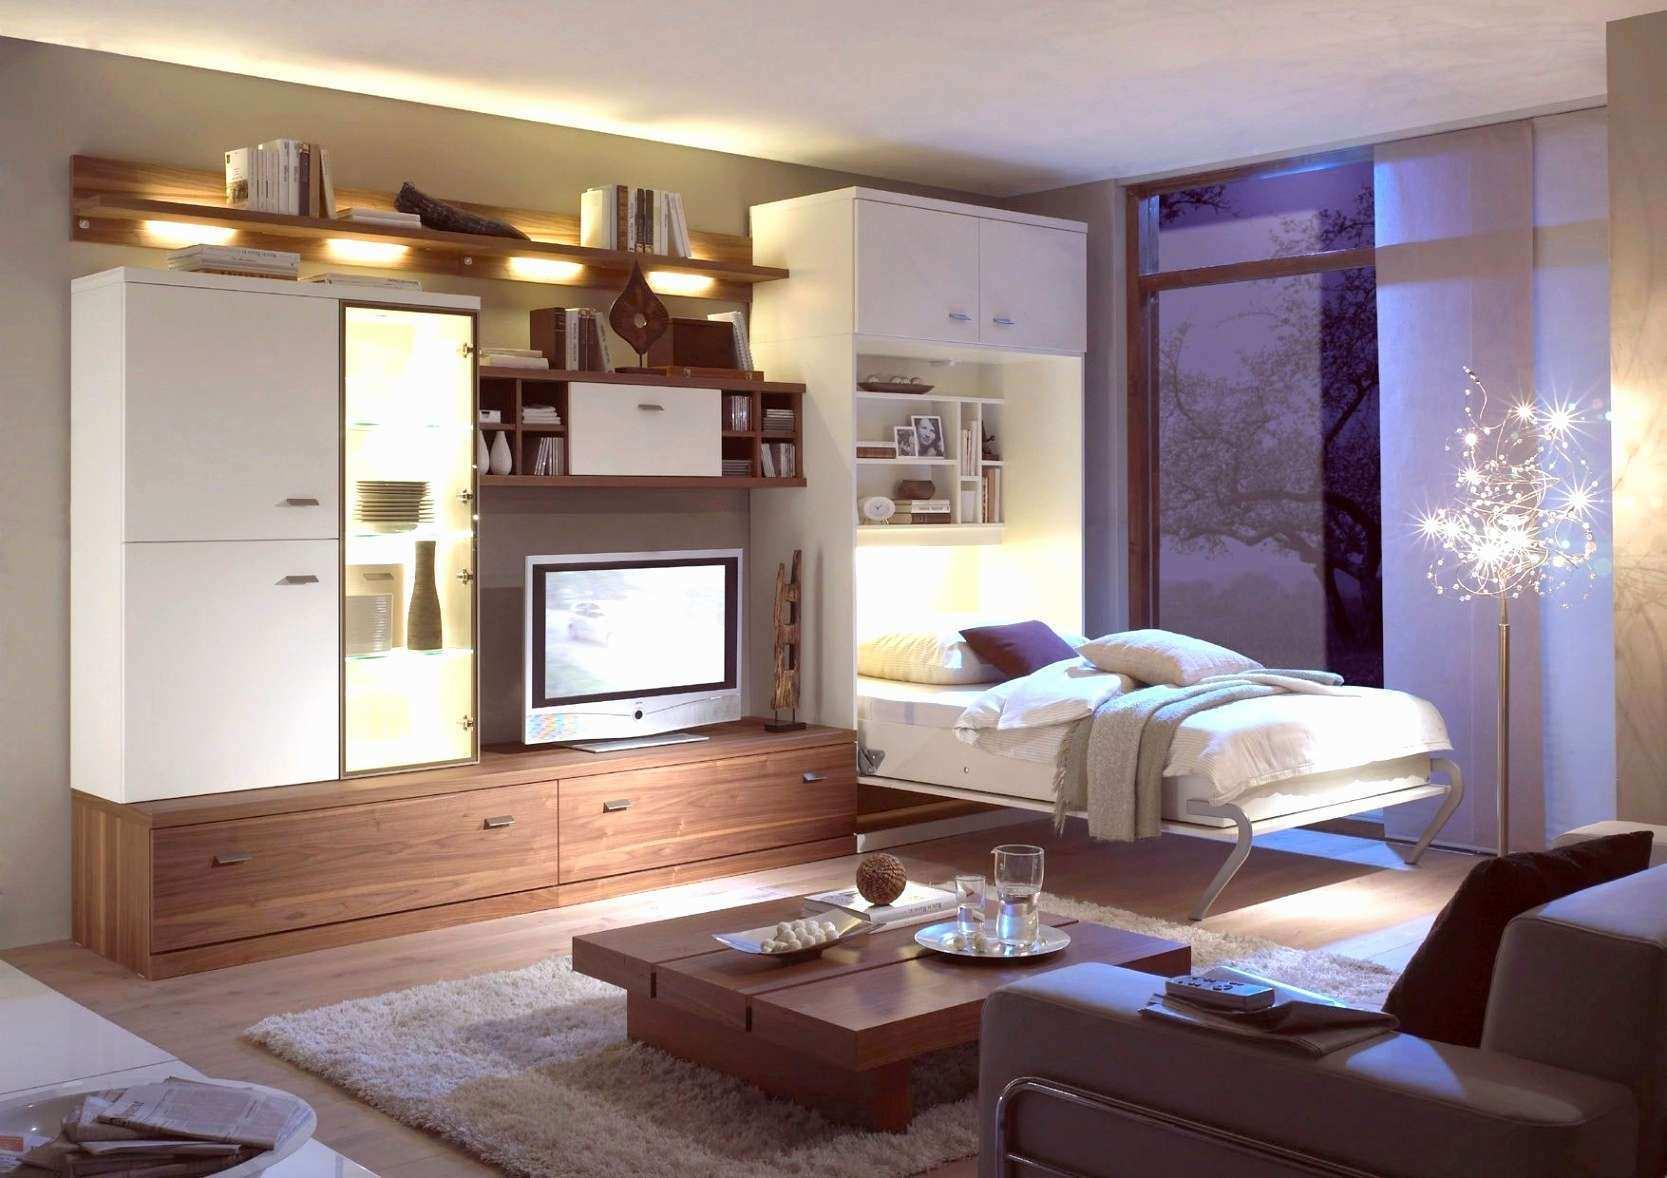 Modern Wohnzimmer Design Ideen